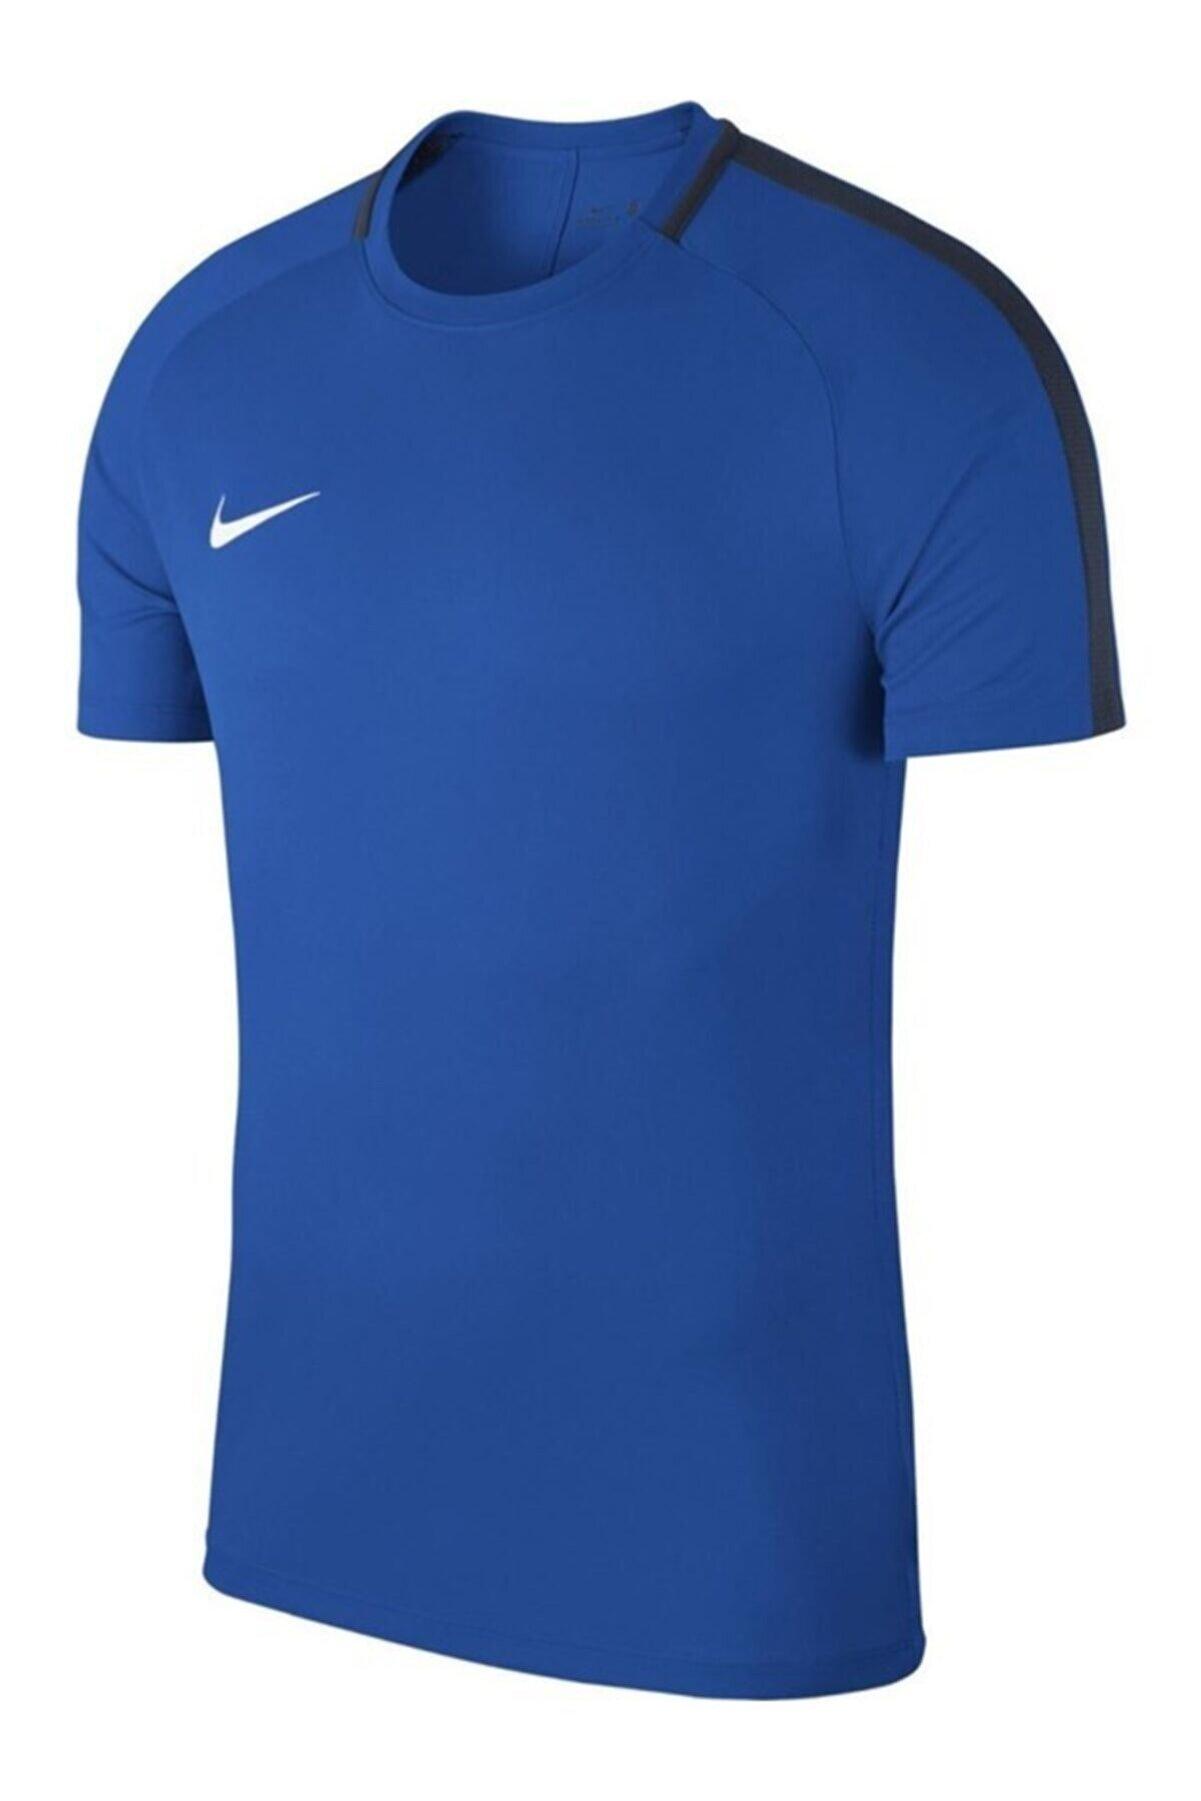 Nike Academy 18 Ss Top 893693-463 T-Shirt